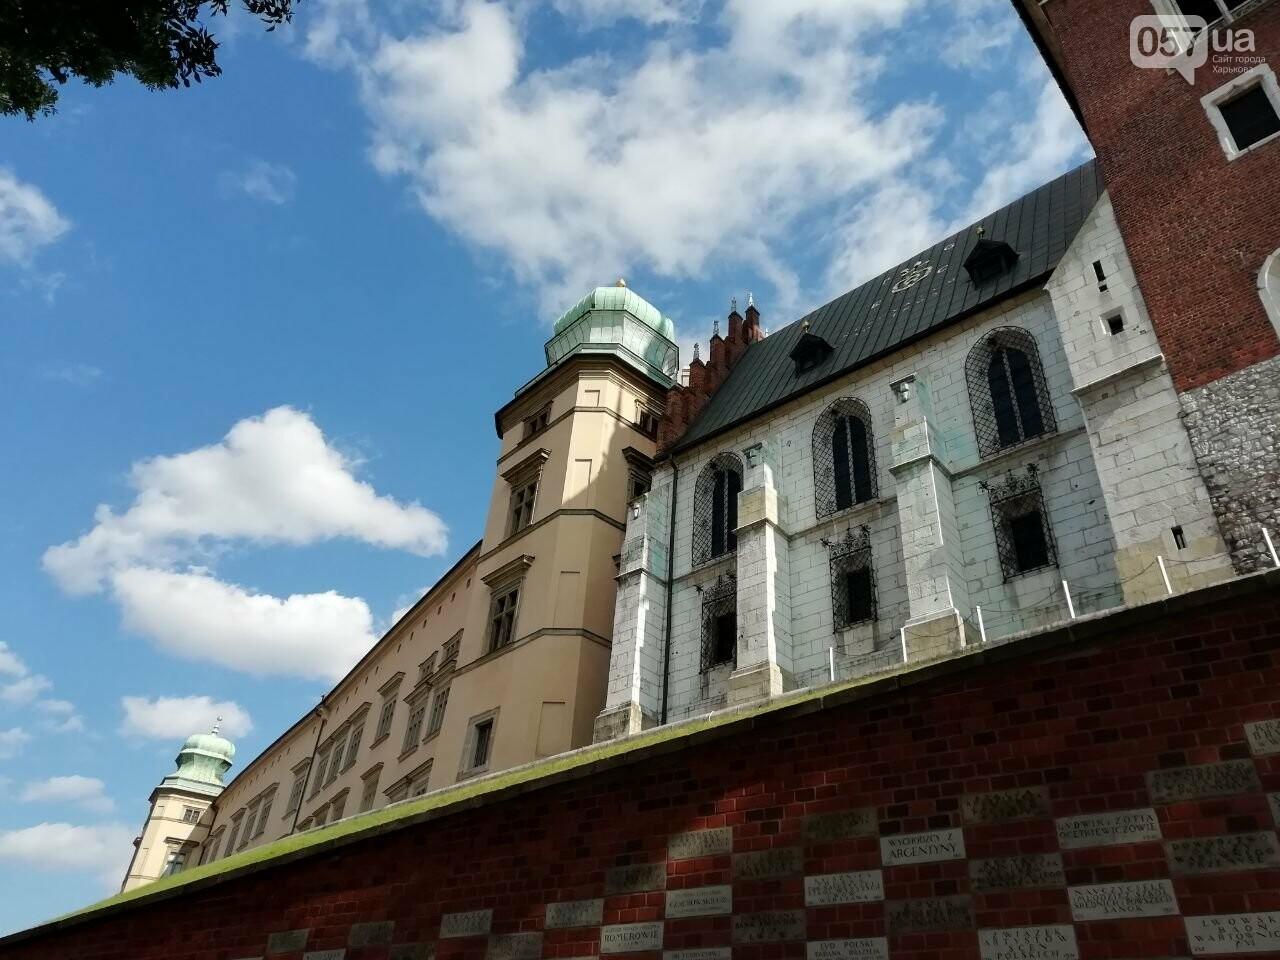 Из Харькова в Краков: Королевский замок, средневековые здания и музей под землей, - ФОТО, фото-28